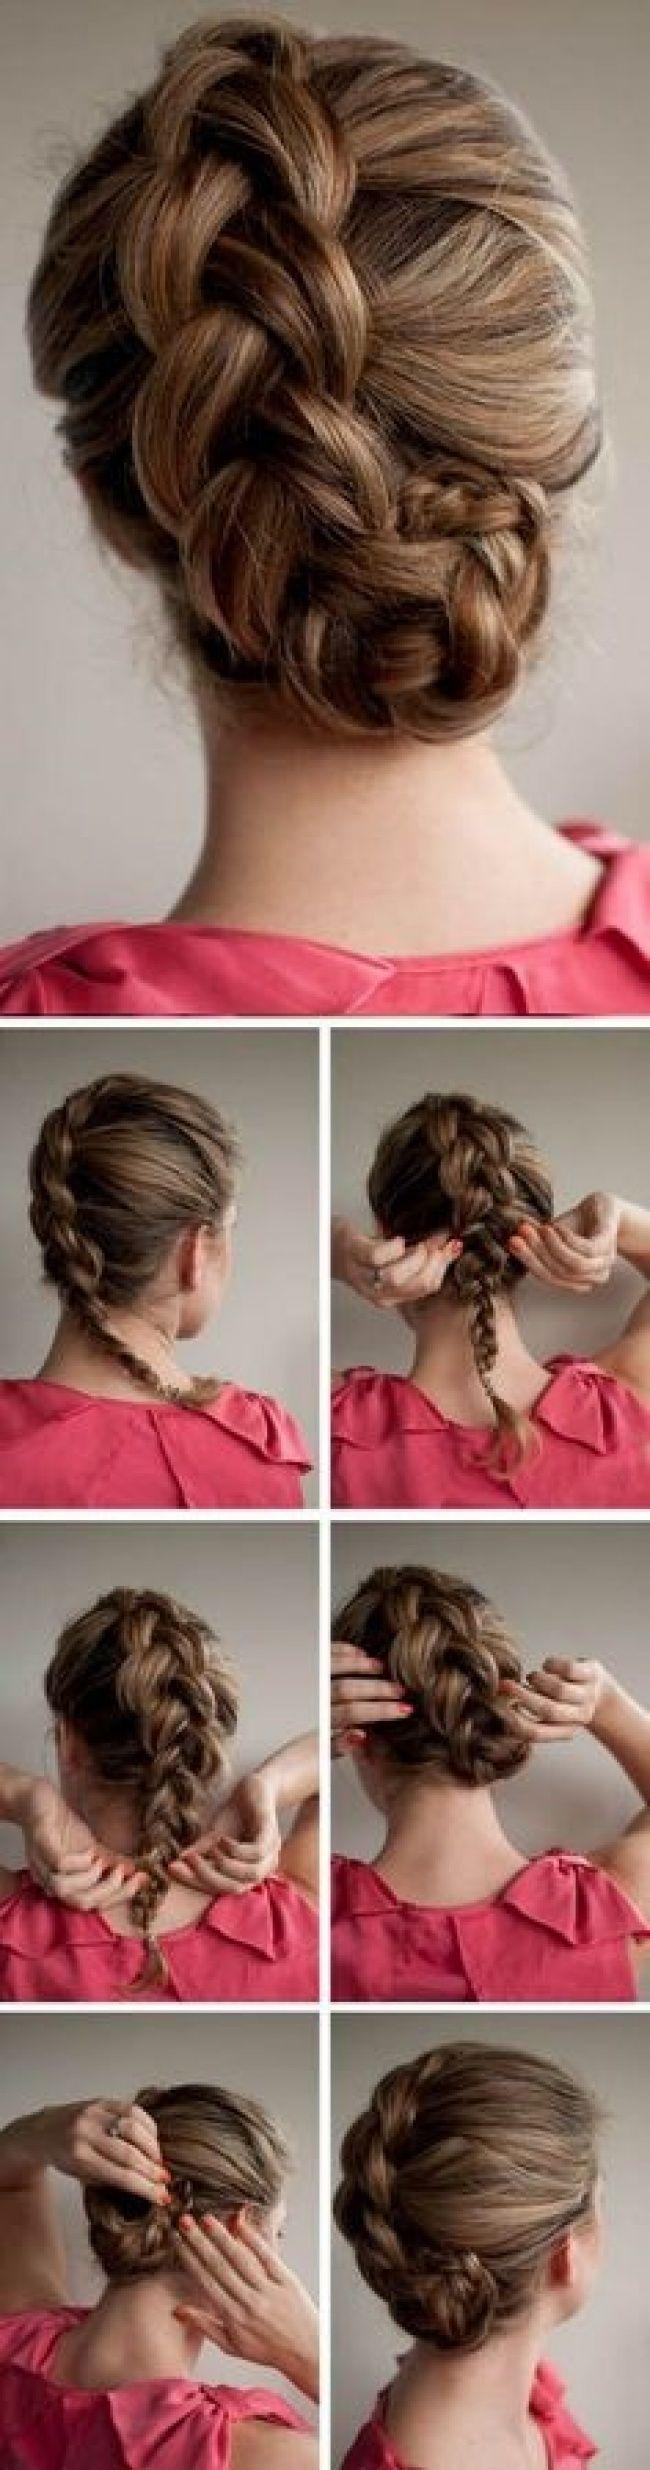 No necesitas habilidades de estilista para hacerlos, es muy fácil.